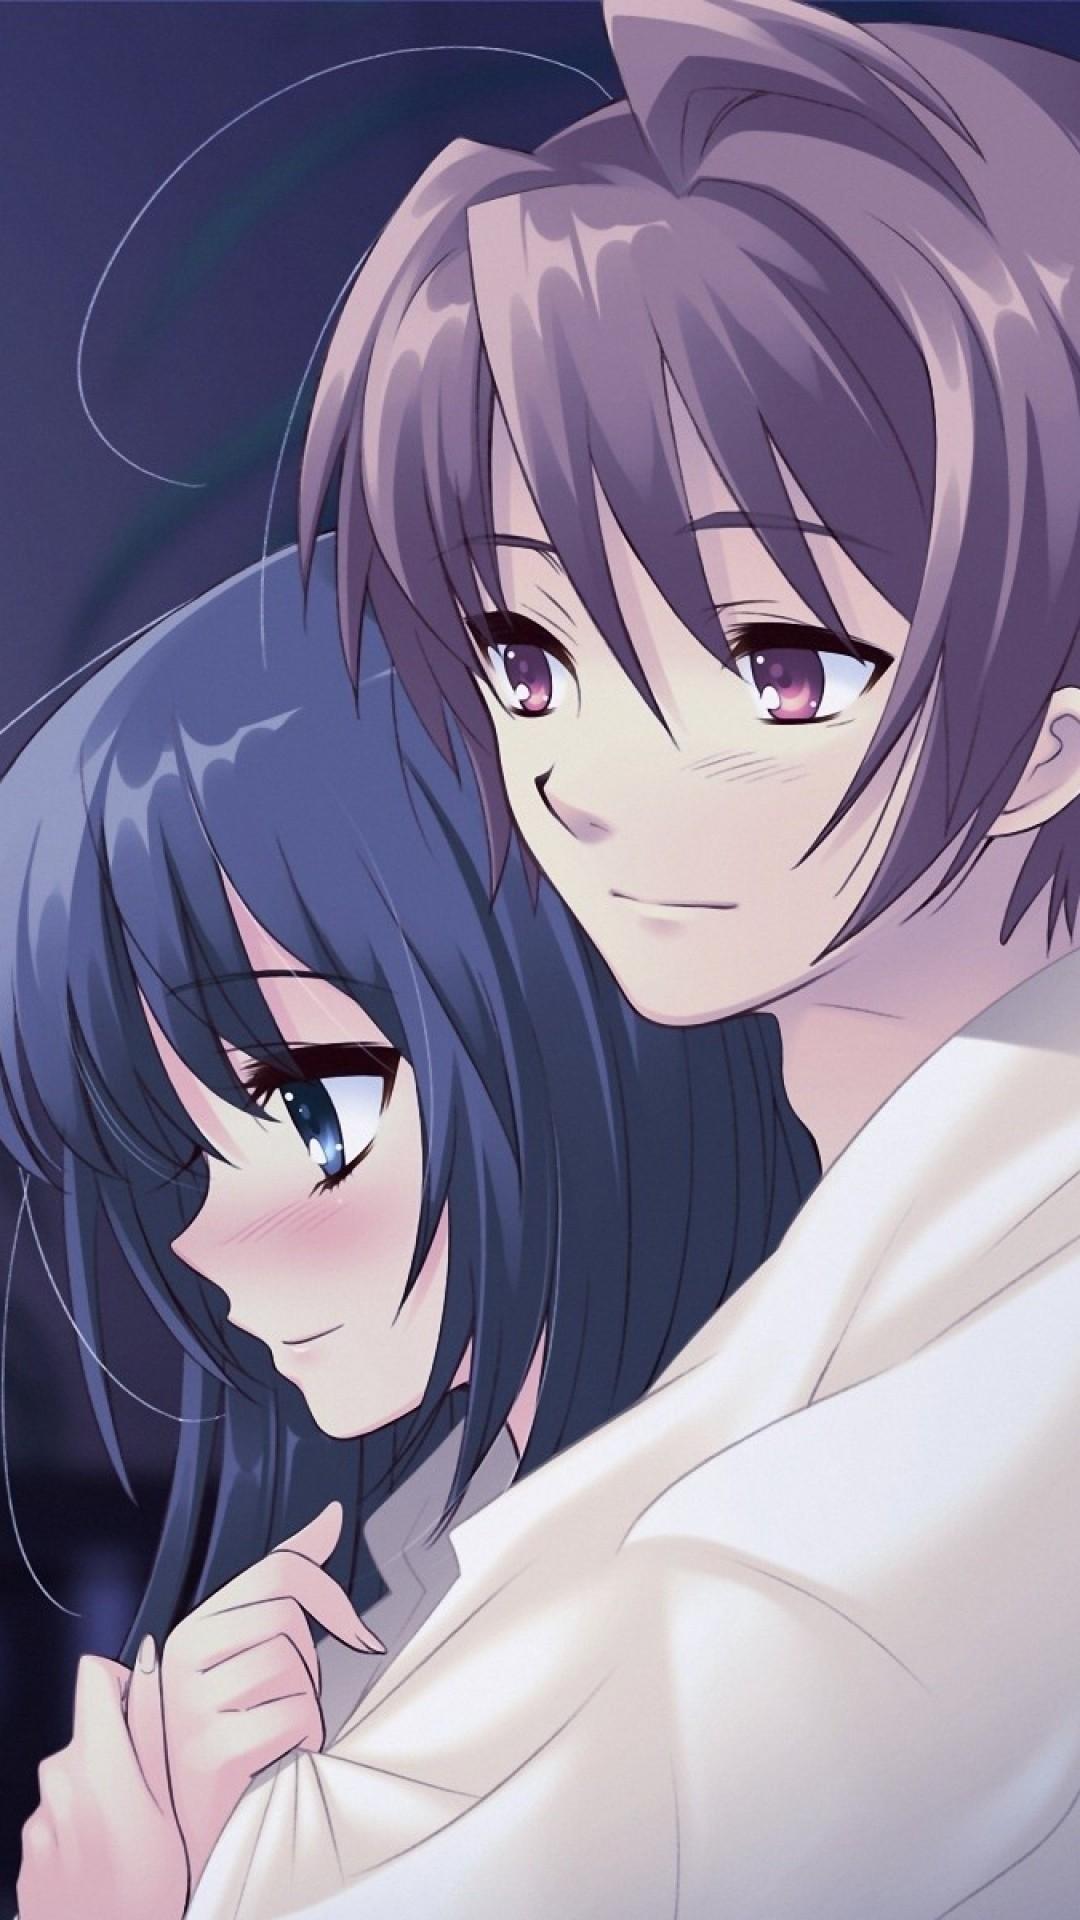 Wallpaper anime, boy, girl, pot, flower, hug, tenderness